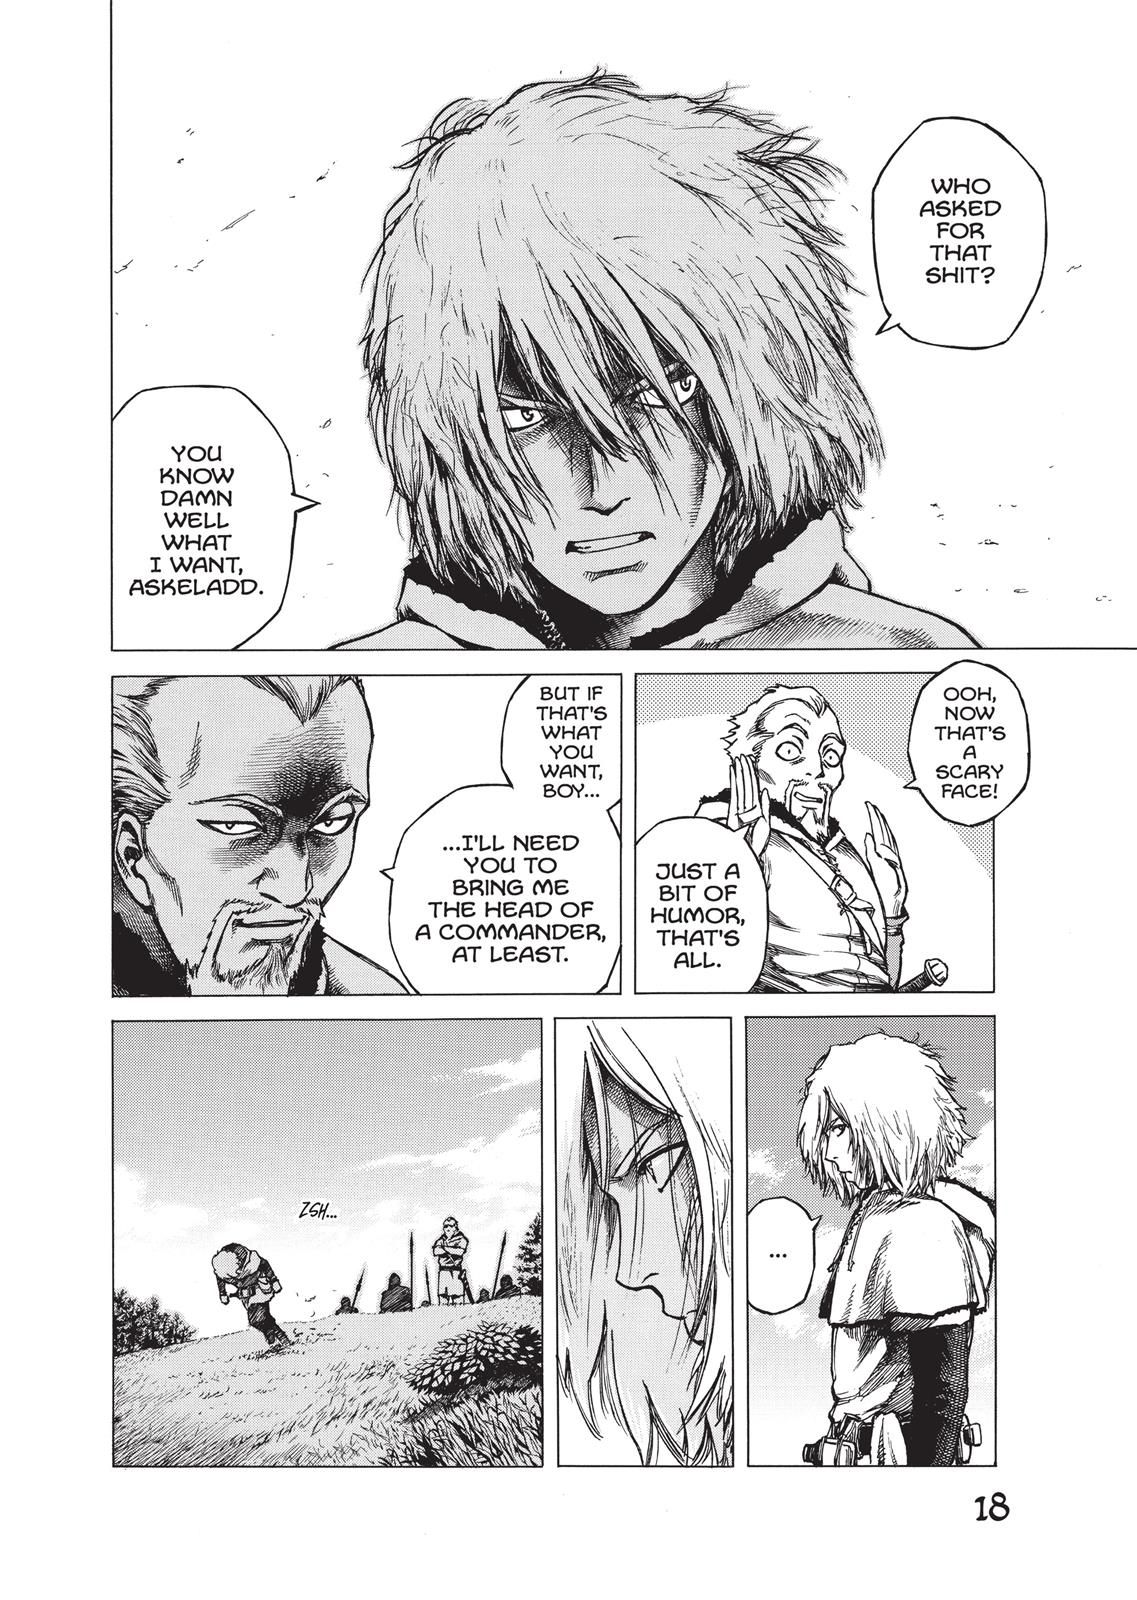 Pin by Sasuke Uchiha on Vinland saga manga in 2020